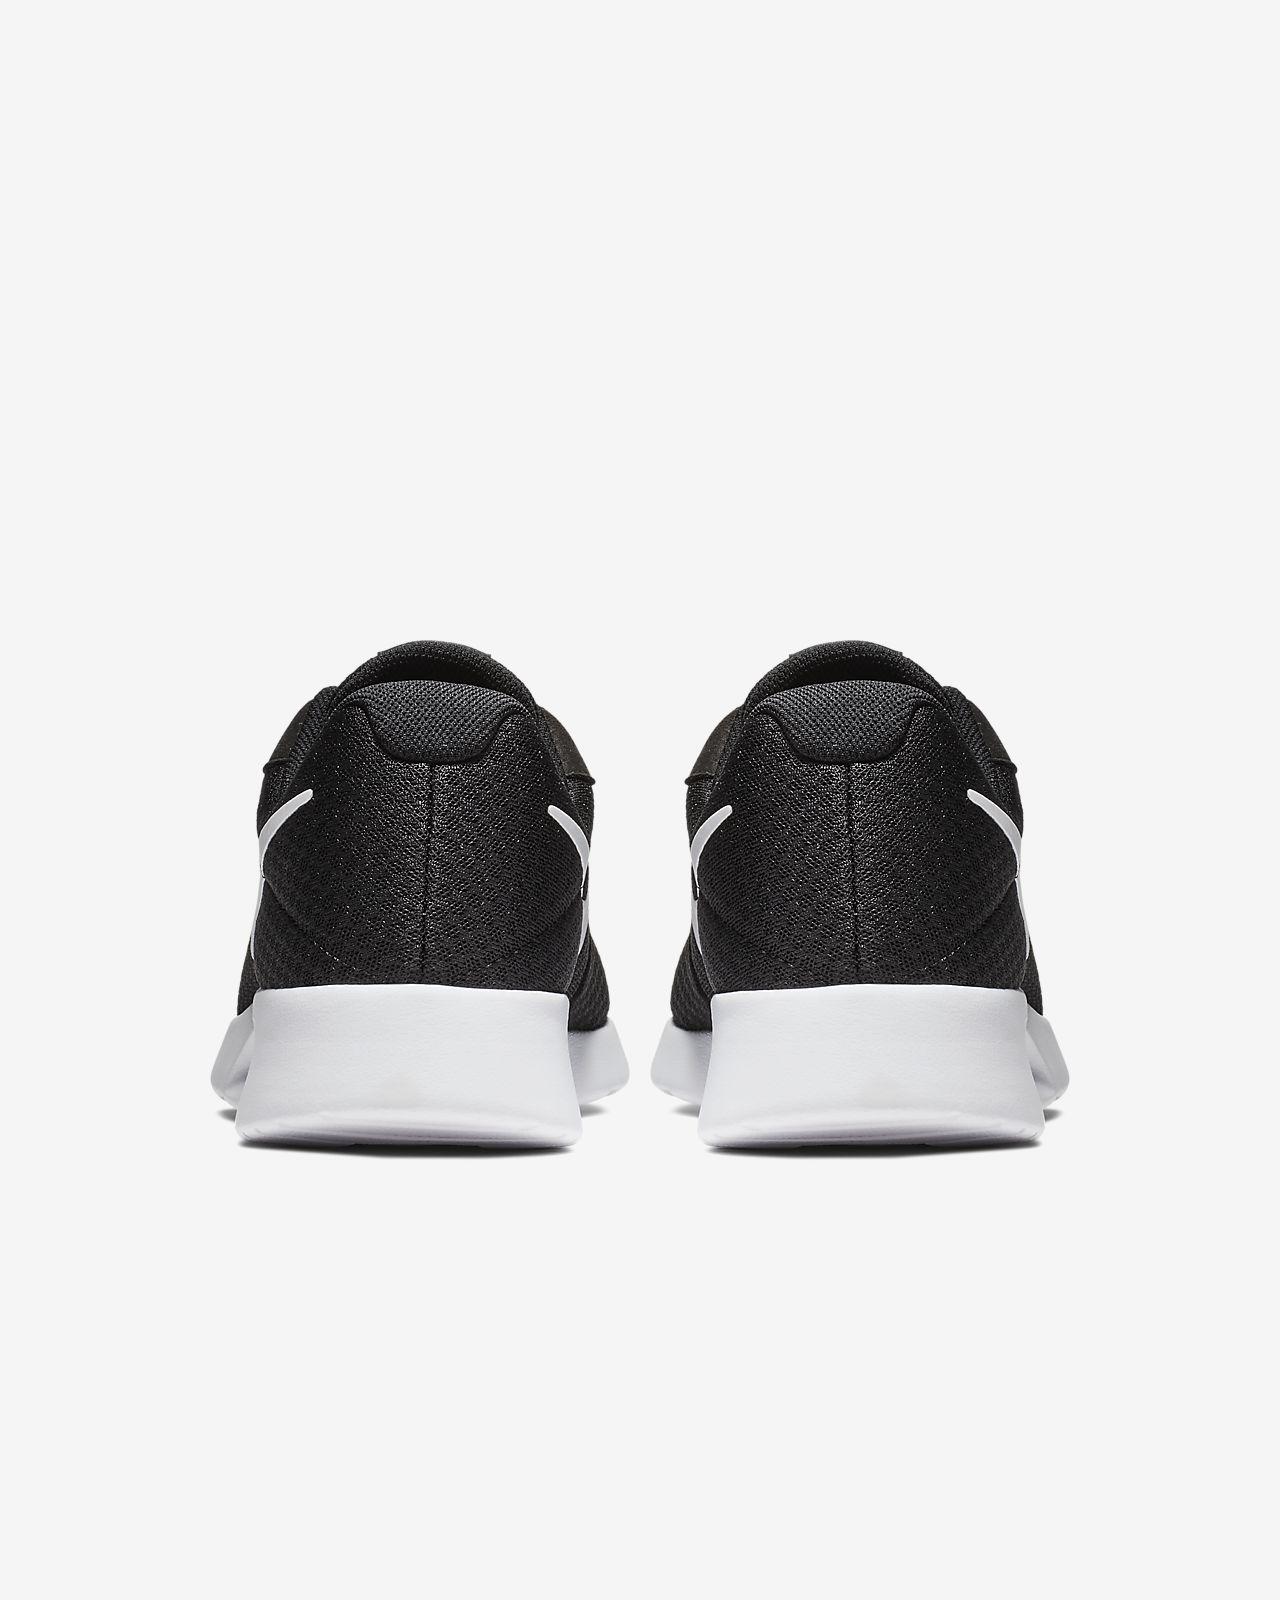 Nike Herren Sneaker Tanjun Grau kaufen & bestellen im BILD